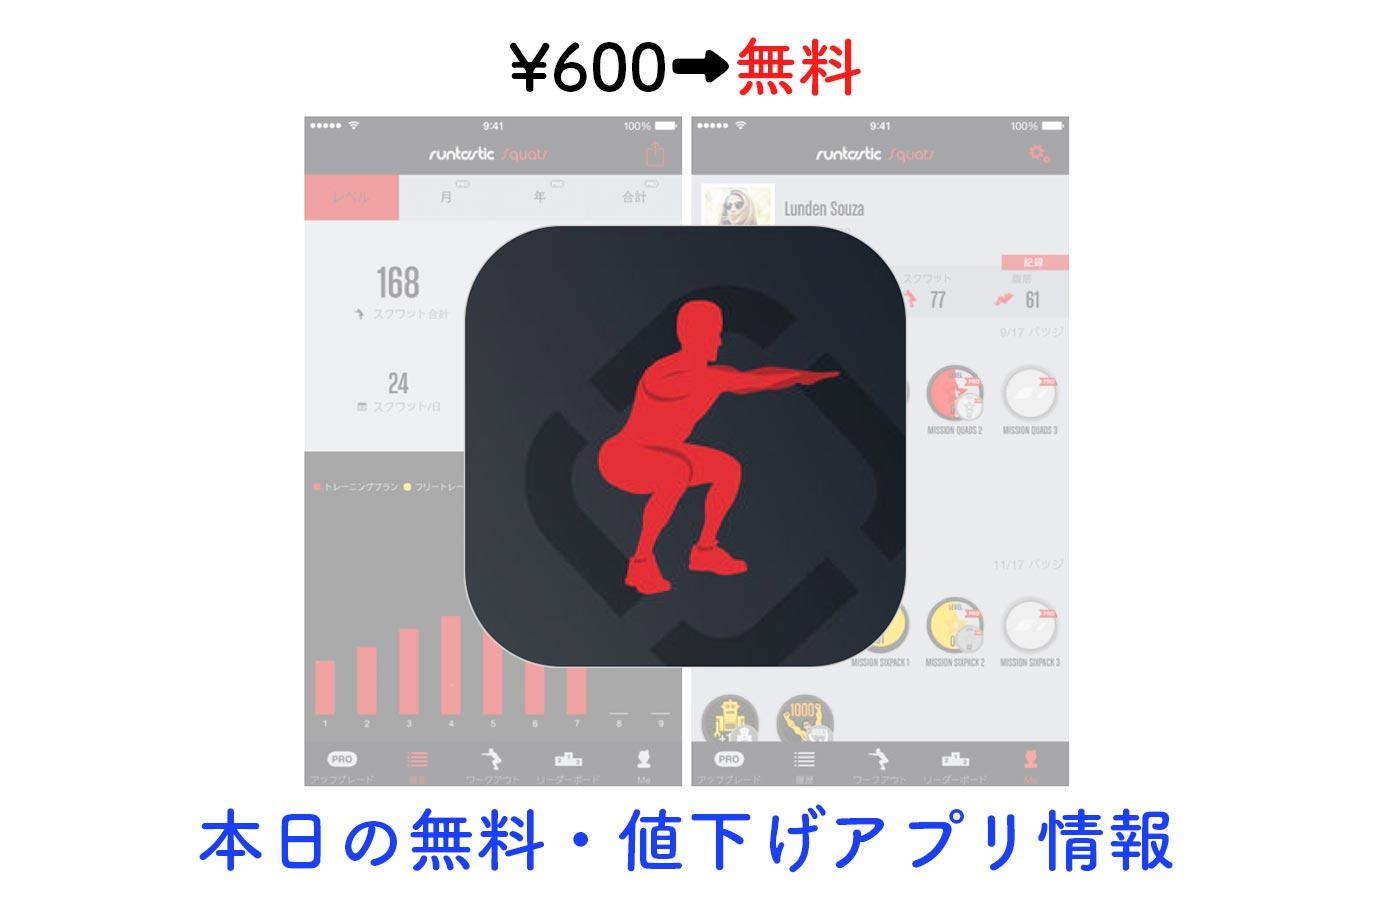 ¥600→無料、エクササイズアプリ「Runtastic スクワット回数カウント」など【11/30】本日の無料・値下げアプリ情報